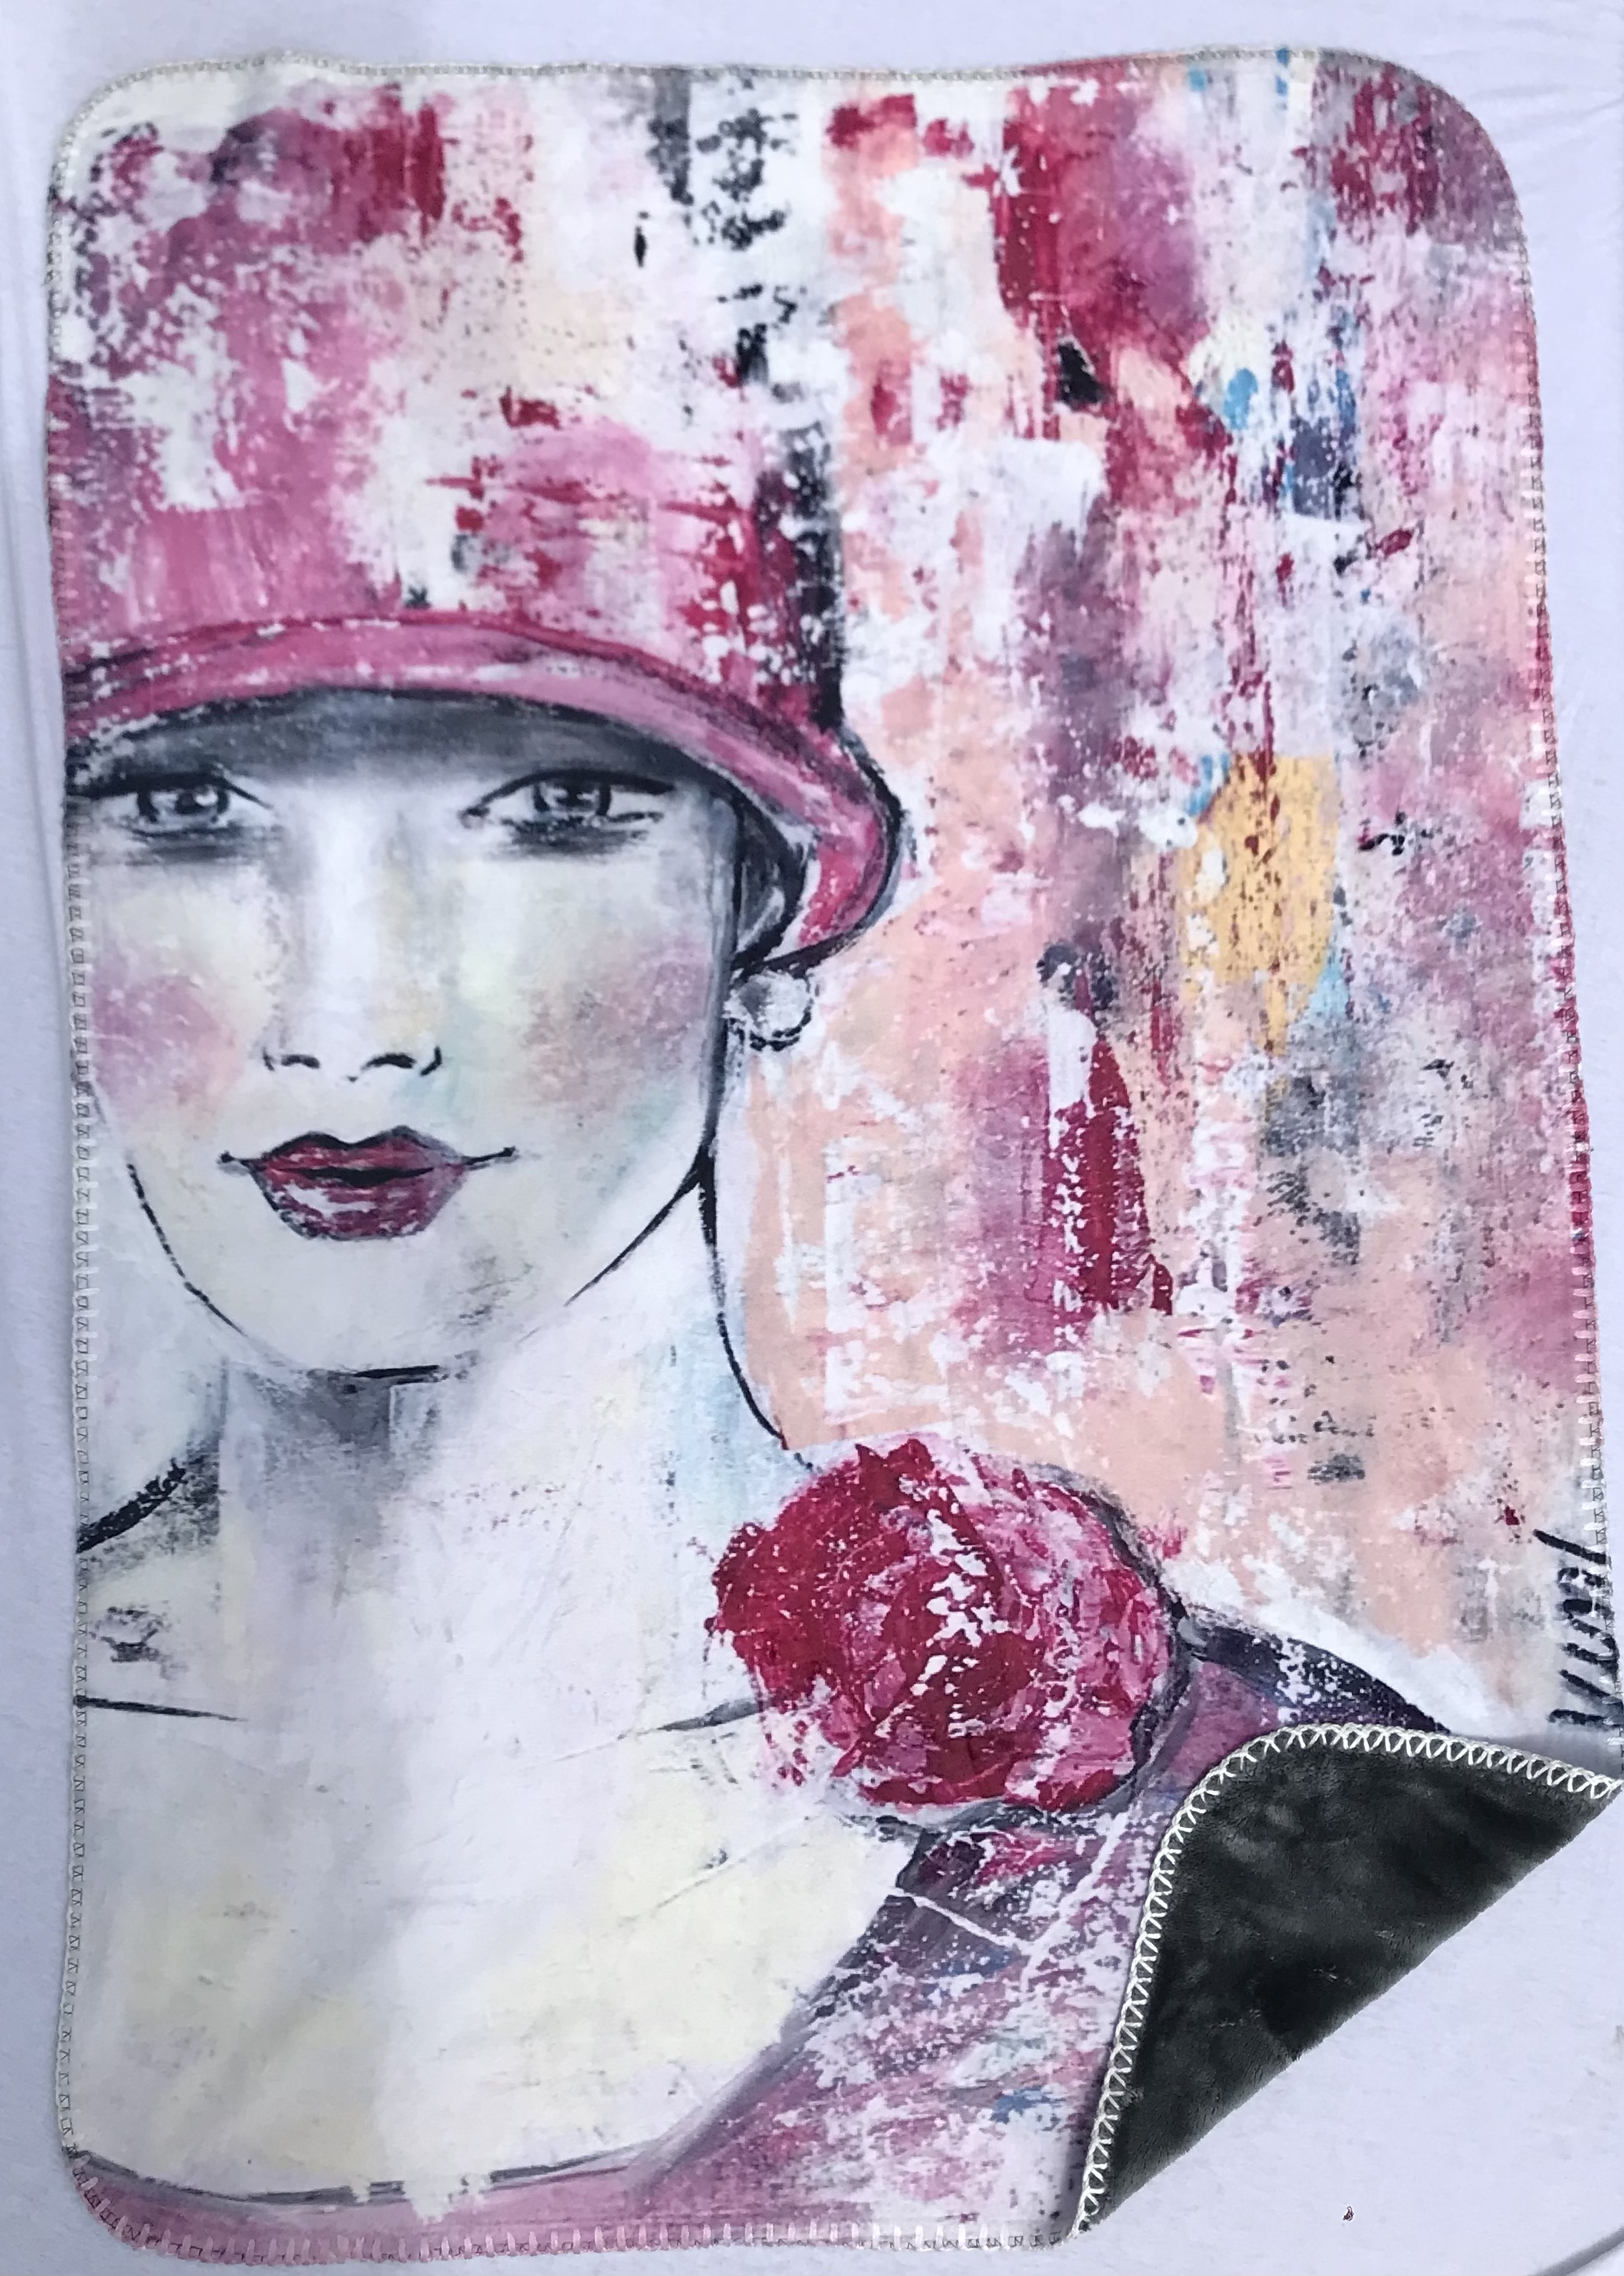 07 Decke Dame mit Hut Rosé